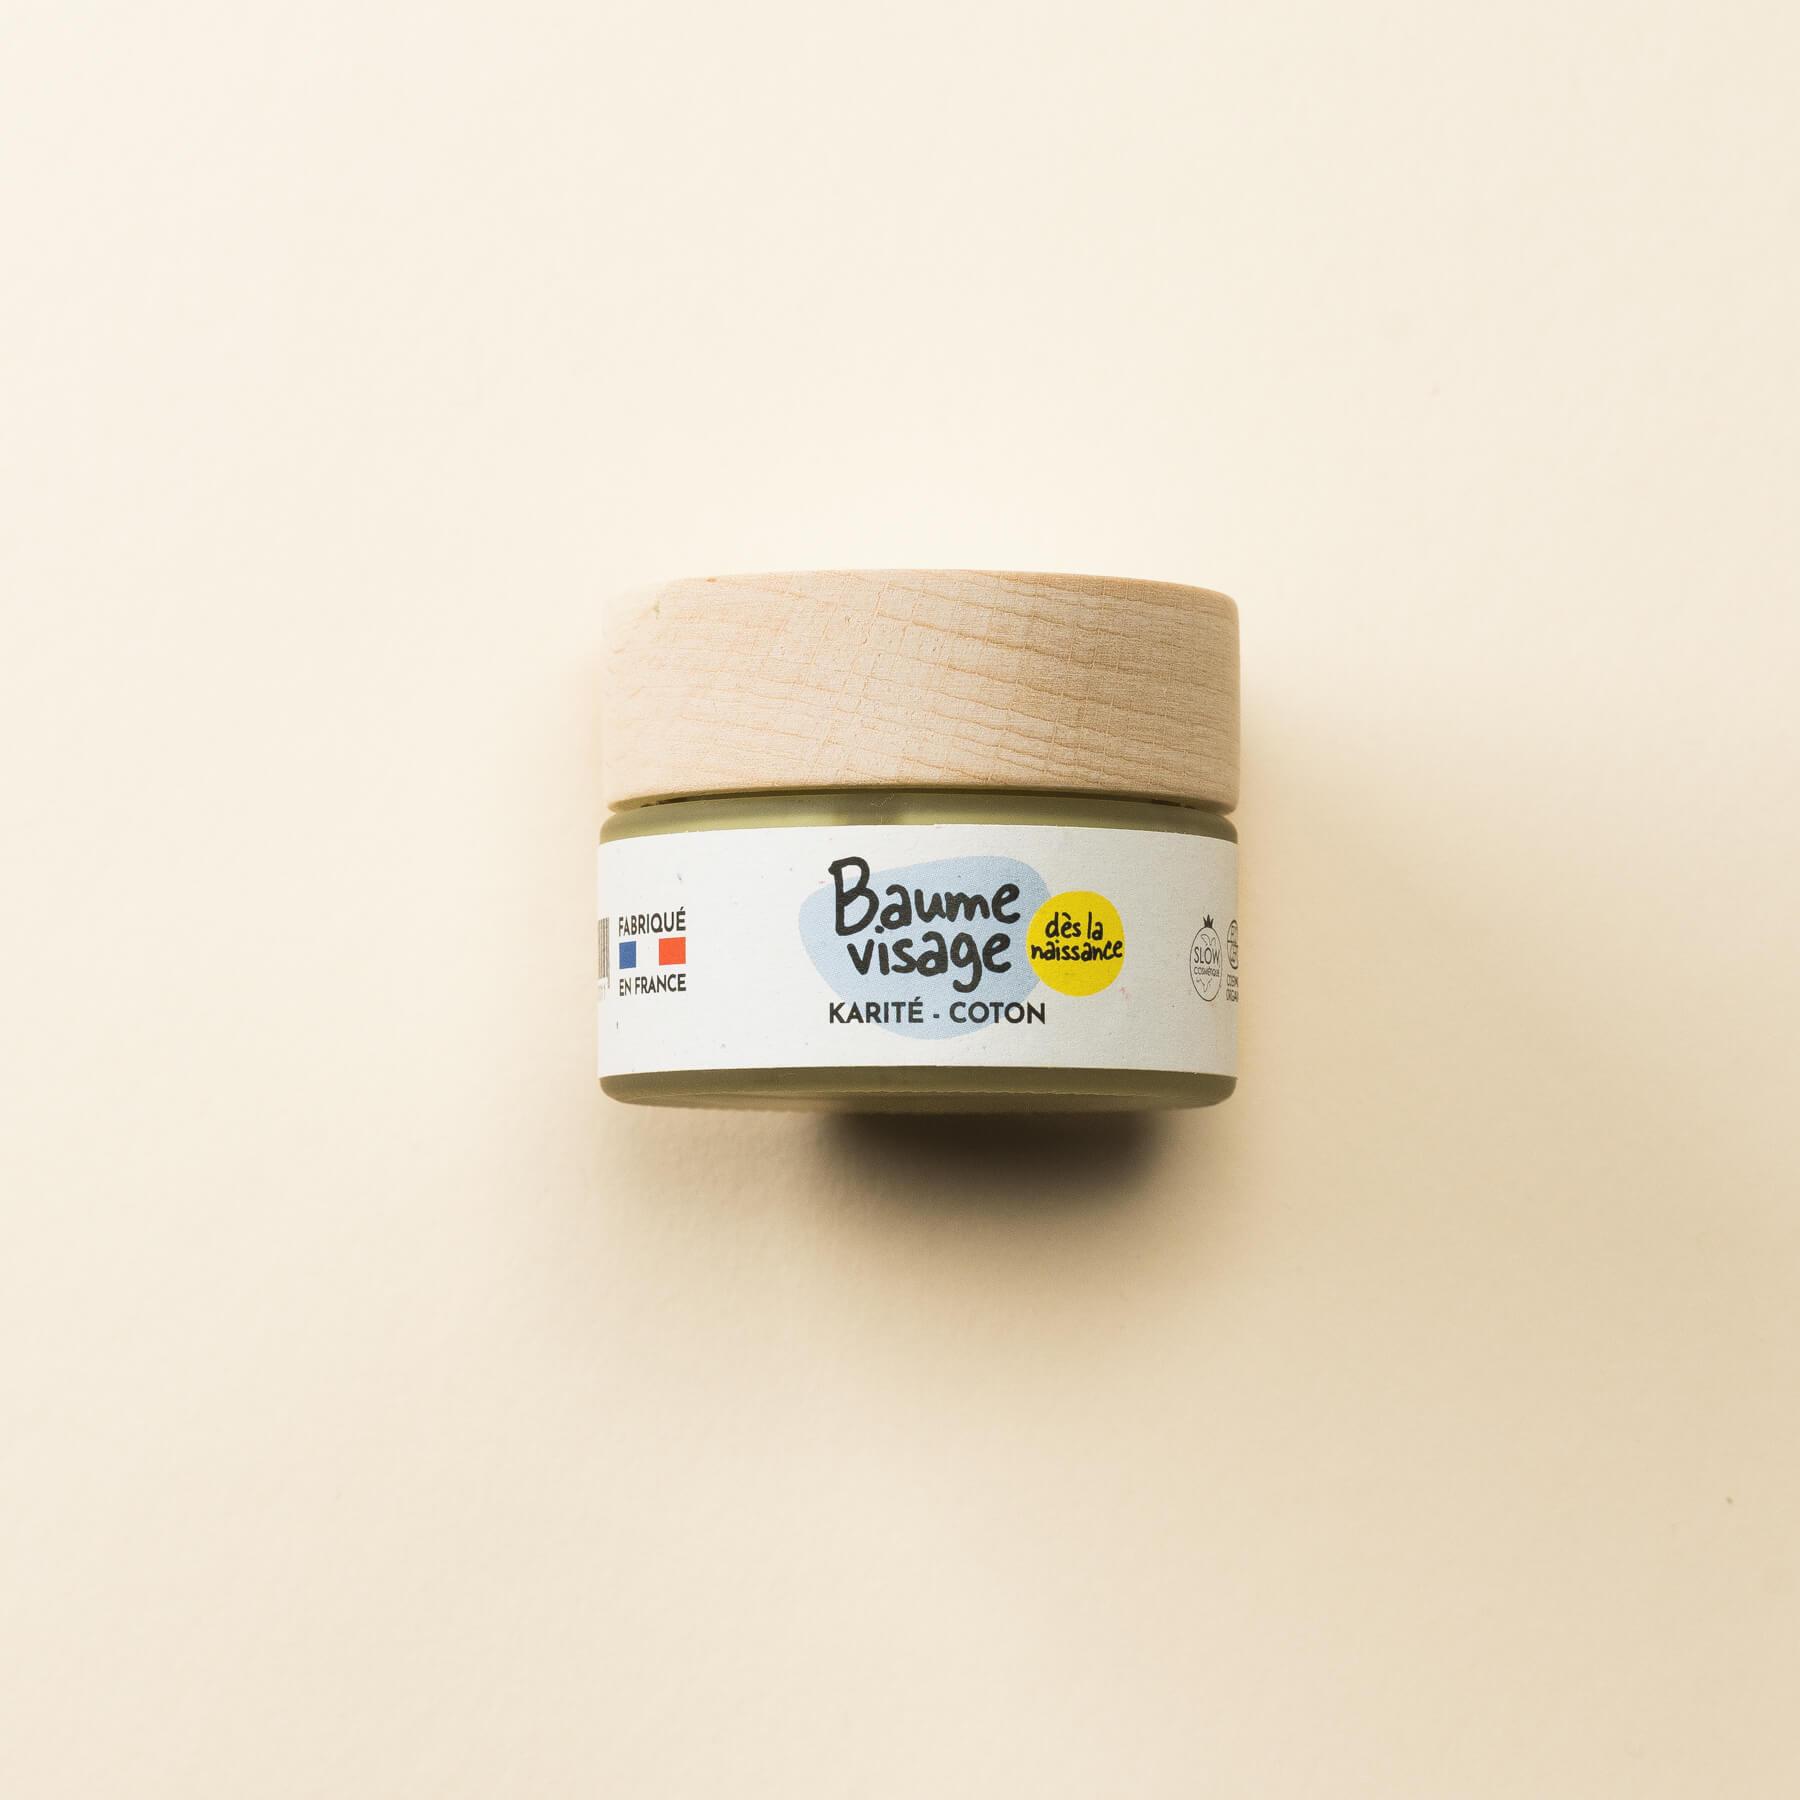 Pototam - Baume Visage Karité et Coton 30 ml